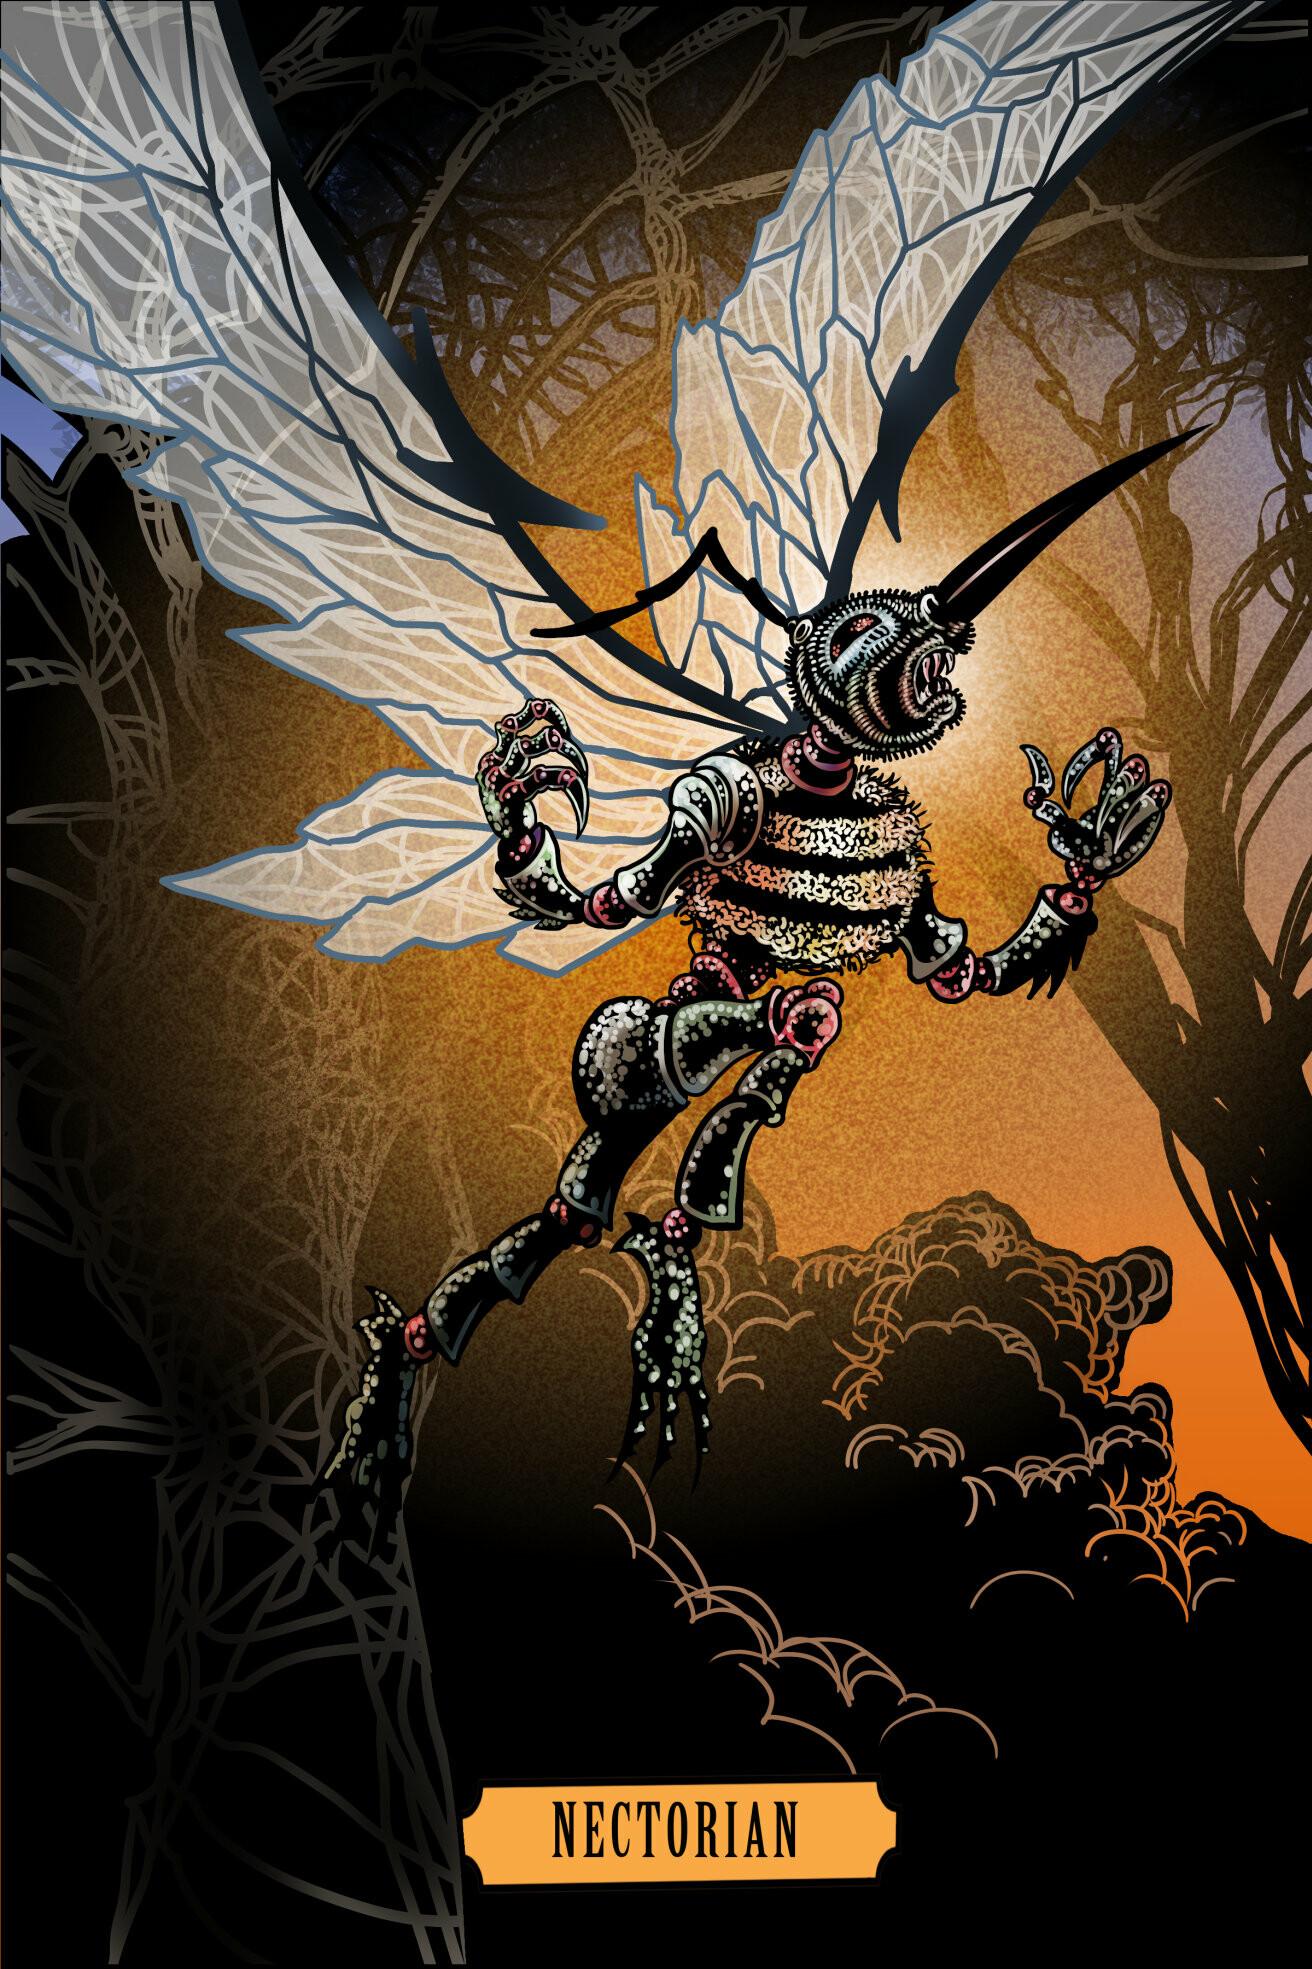 Teen Fantasy Book Interior Illustration.